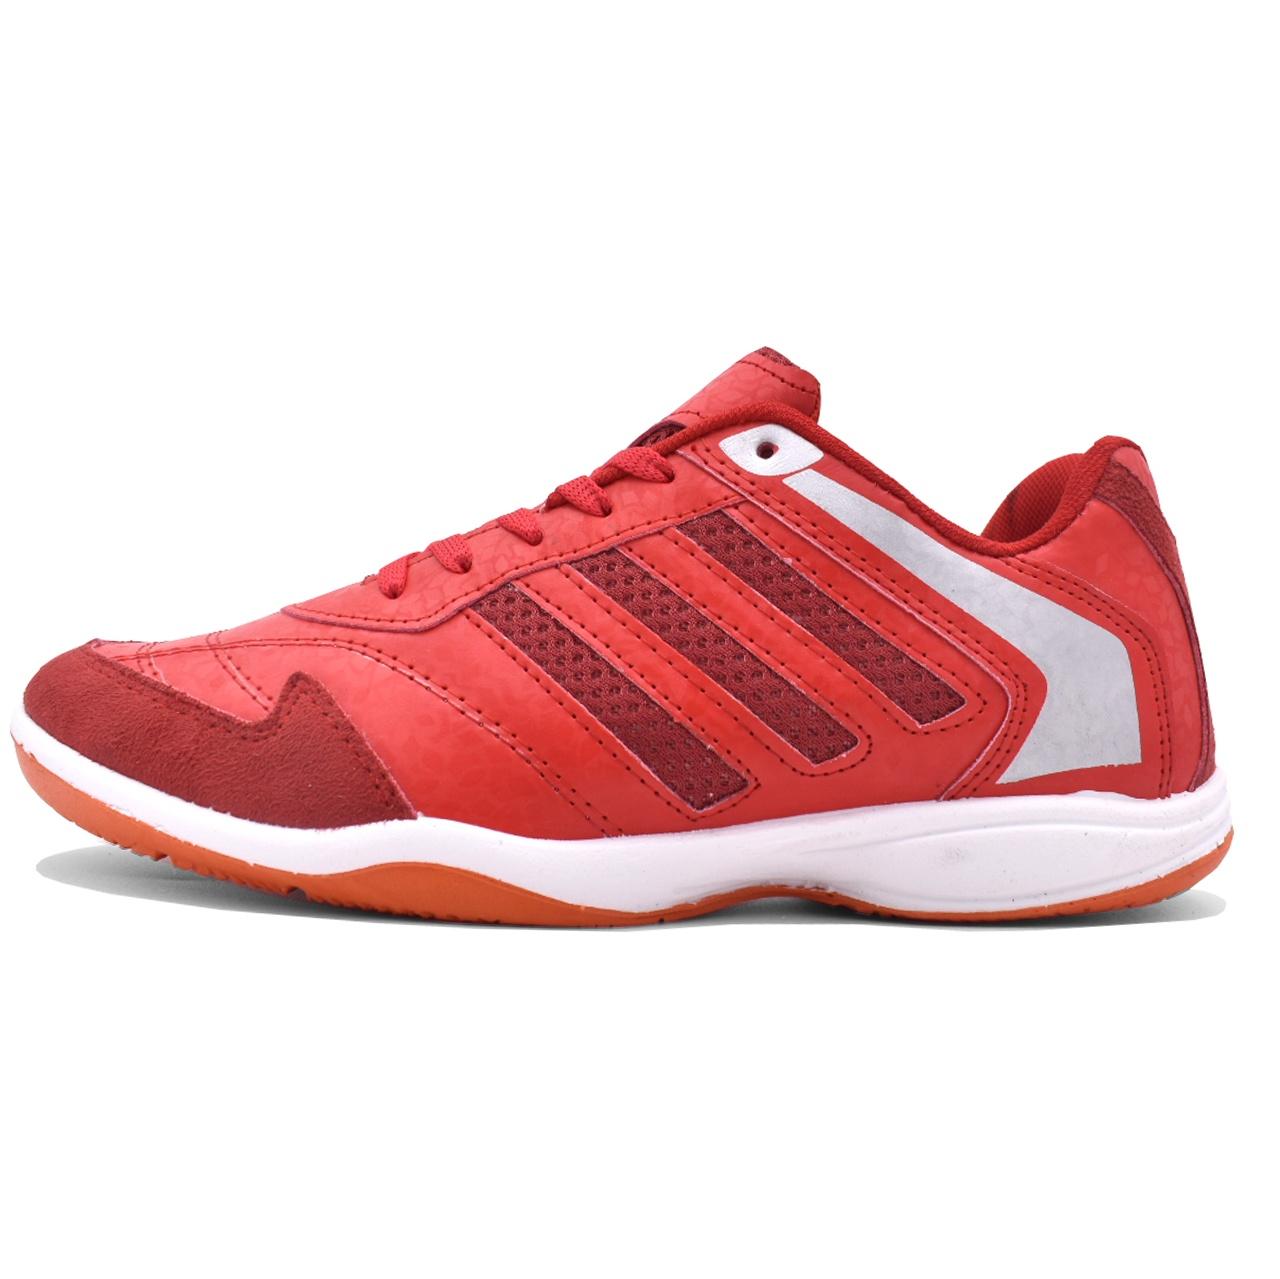 کفش فوتسال مردانه کد 1113